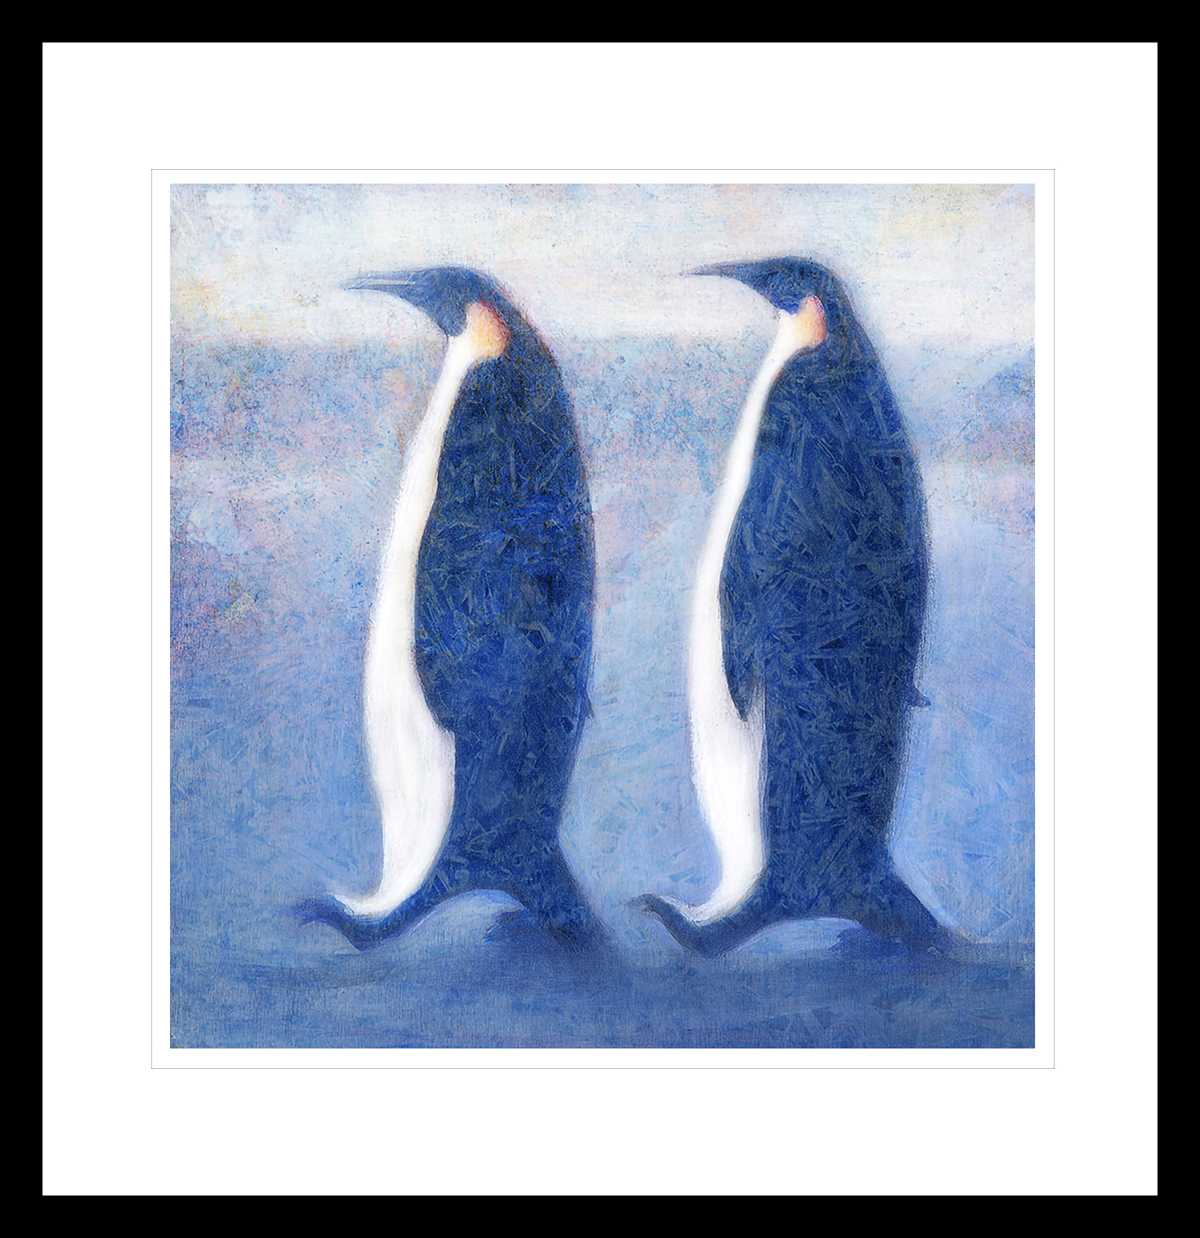 To blå pingviner går sidelengs i Antarktis. Håndkolorert grafikk av Vebjørn Sand.